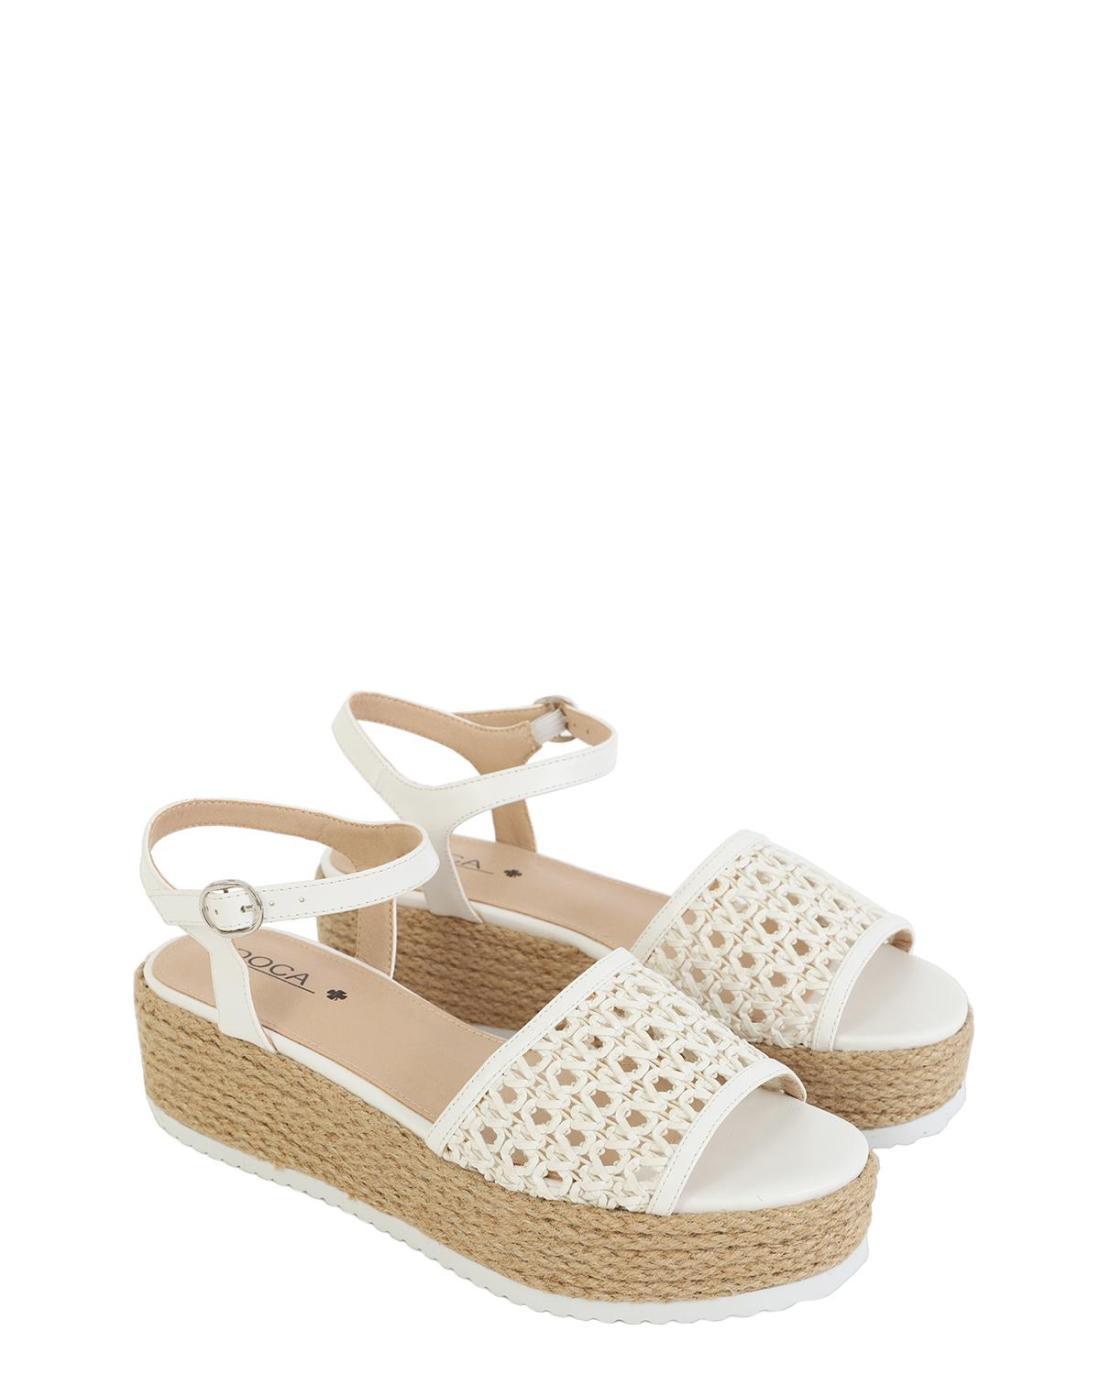 White platform-sandals